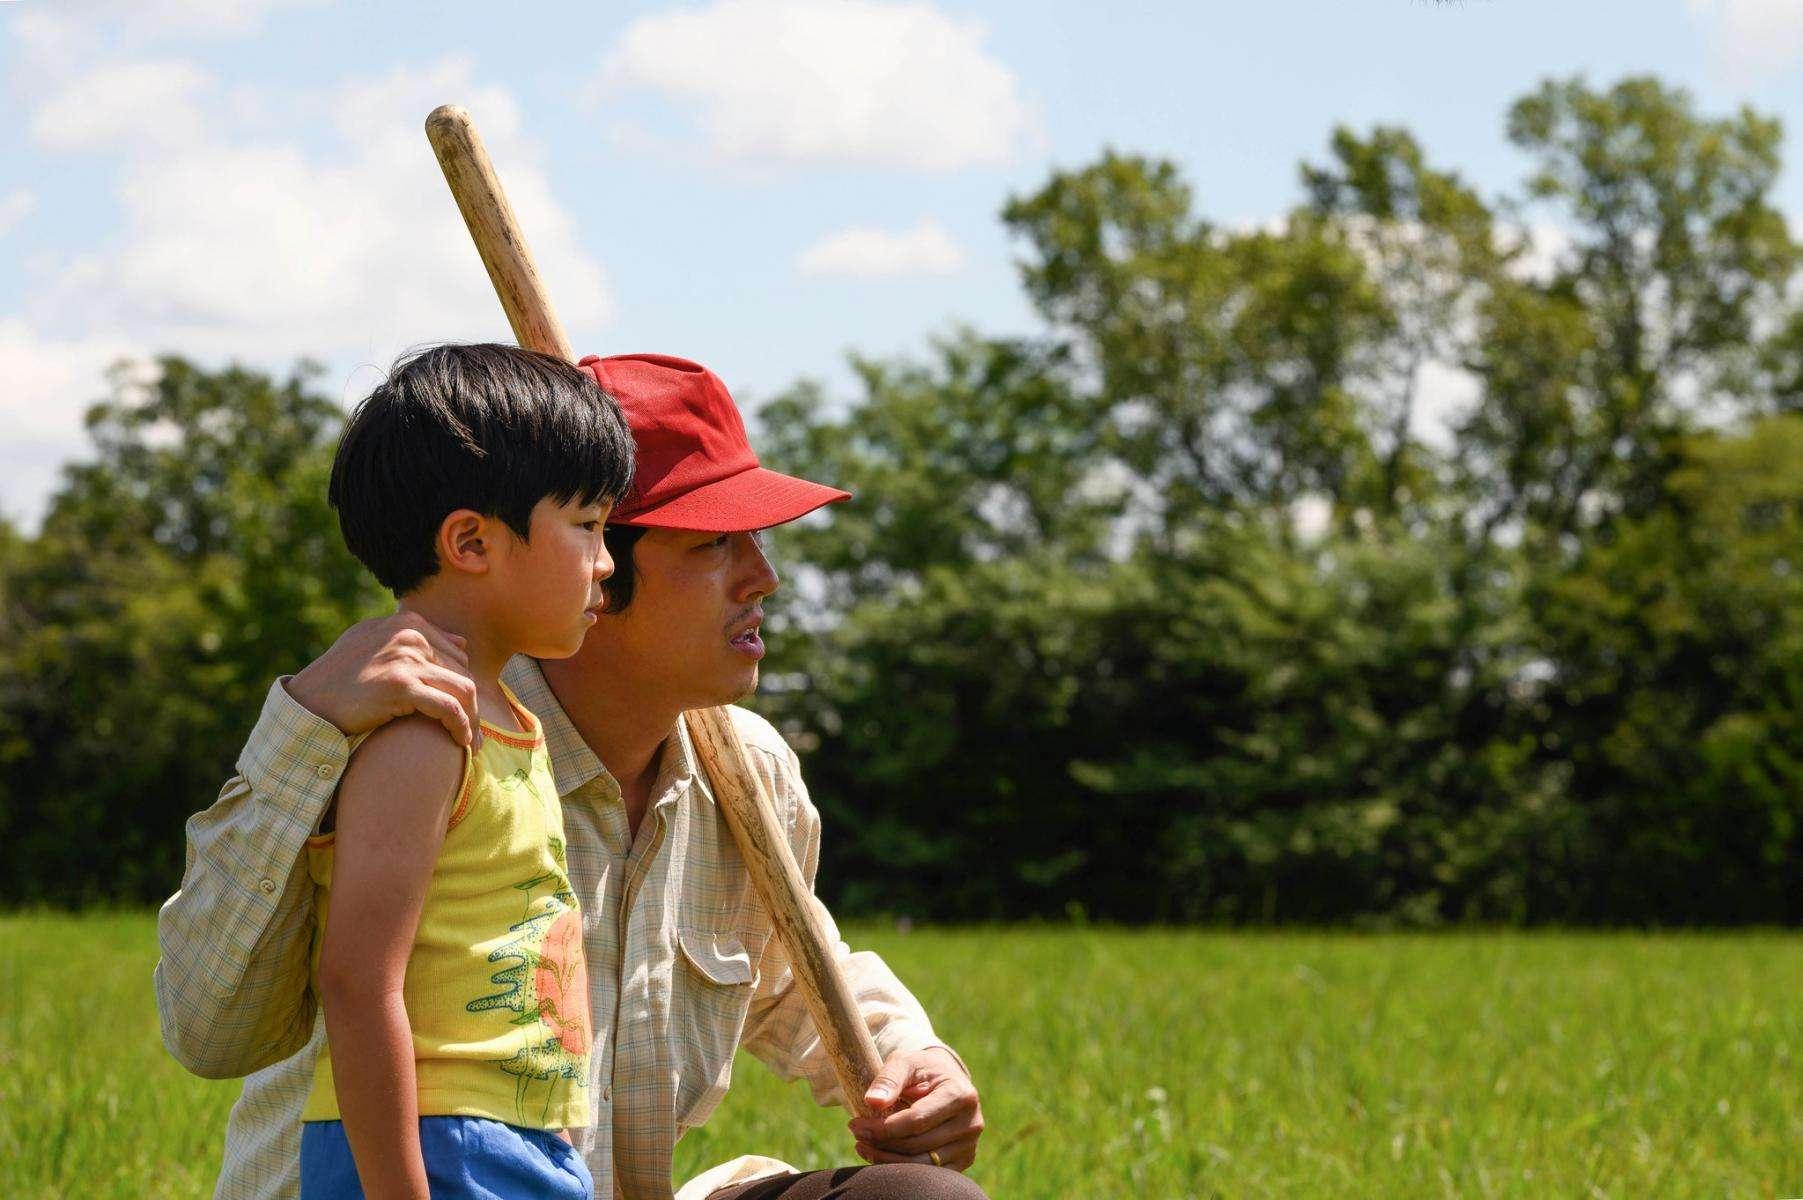 Minari. Historia de mi familia (2020): Somos distintos, somos iguales